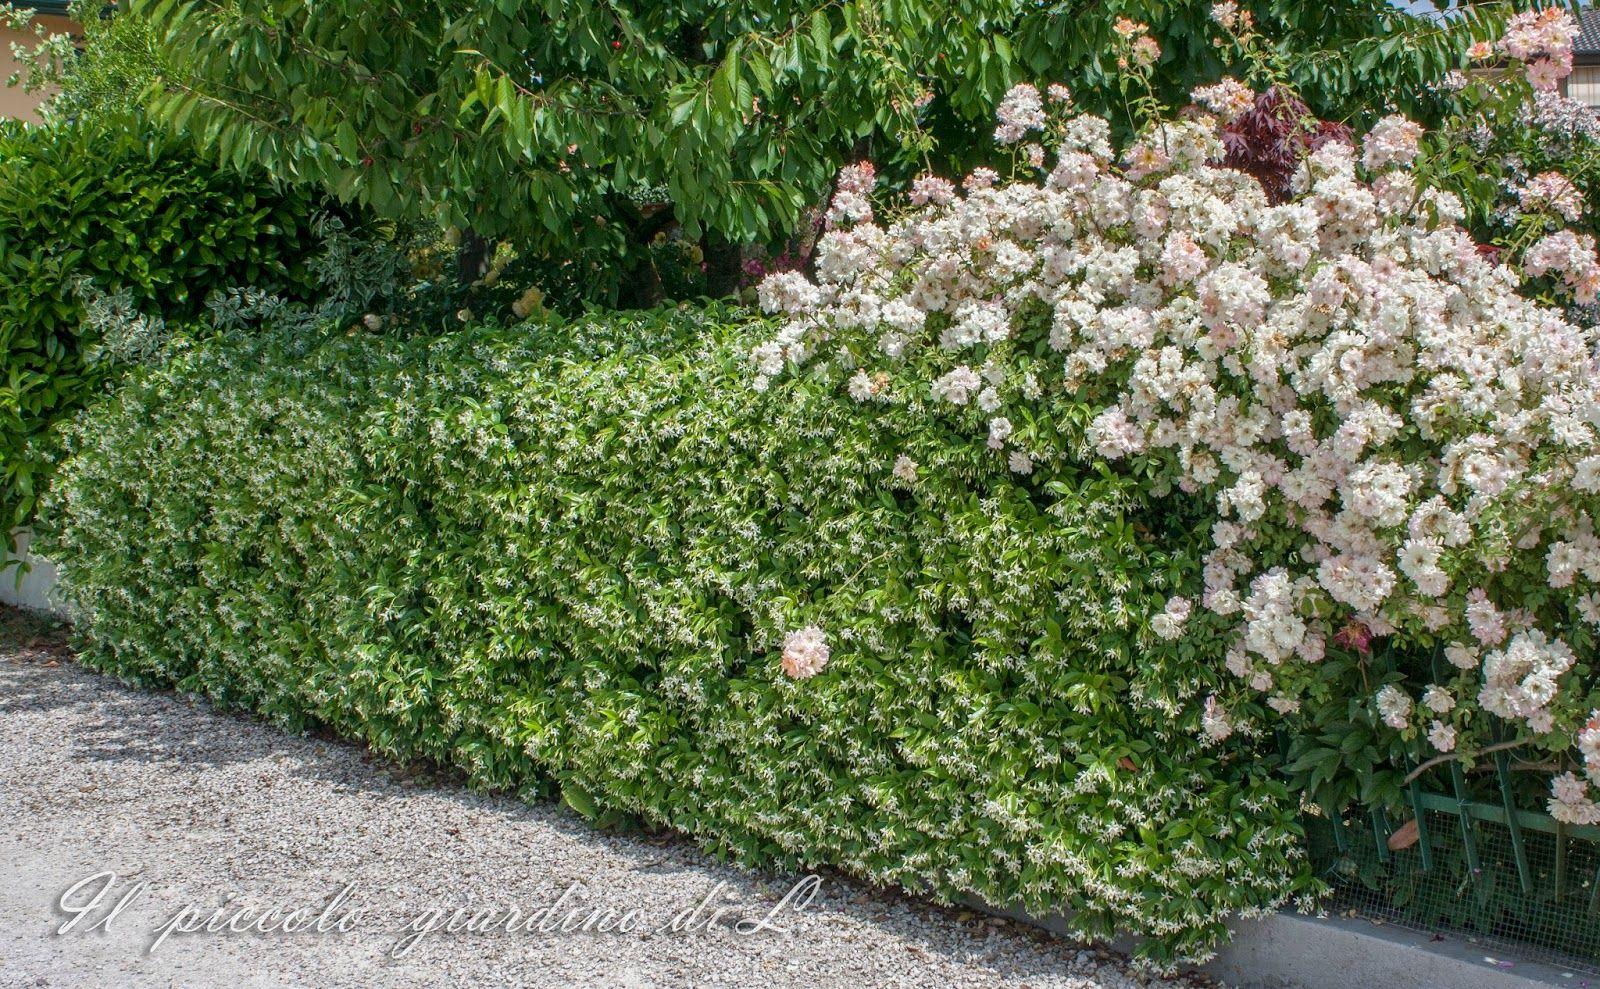 Superb Un Alleato Per I Piccoli Giardini: Il Falso Gelsomino O Meglio Rincospermo  (Rhynchospermum Jasminoides/Trachelospermum Jasminoides) | Pinterest